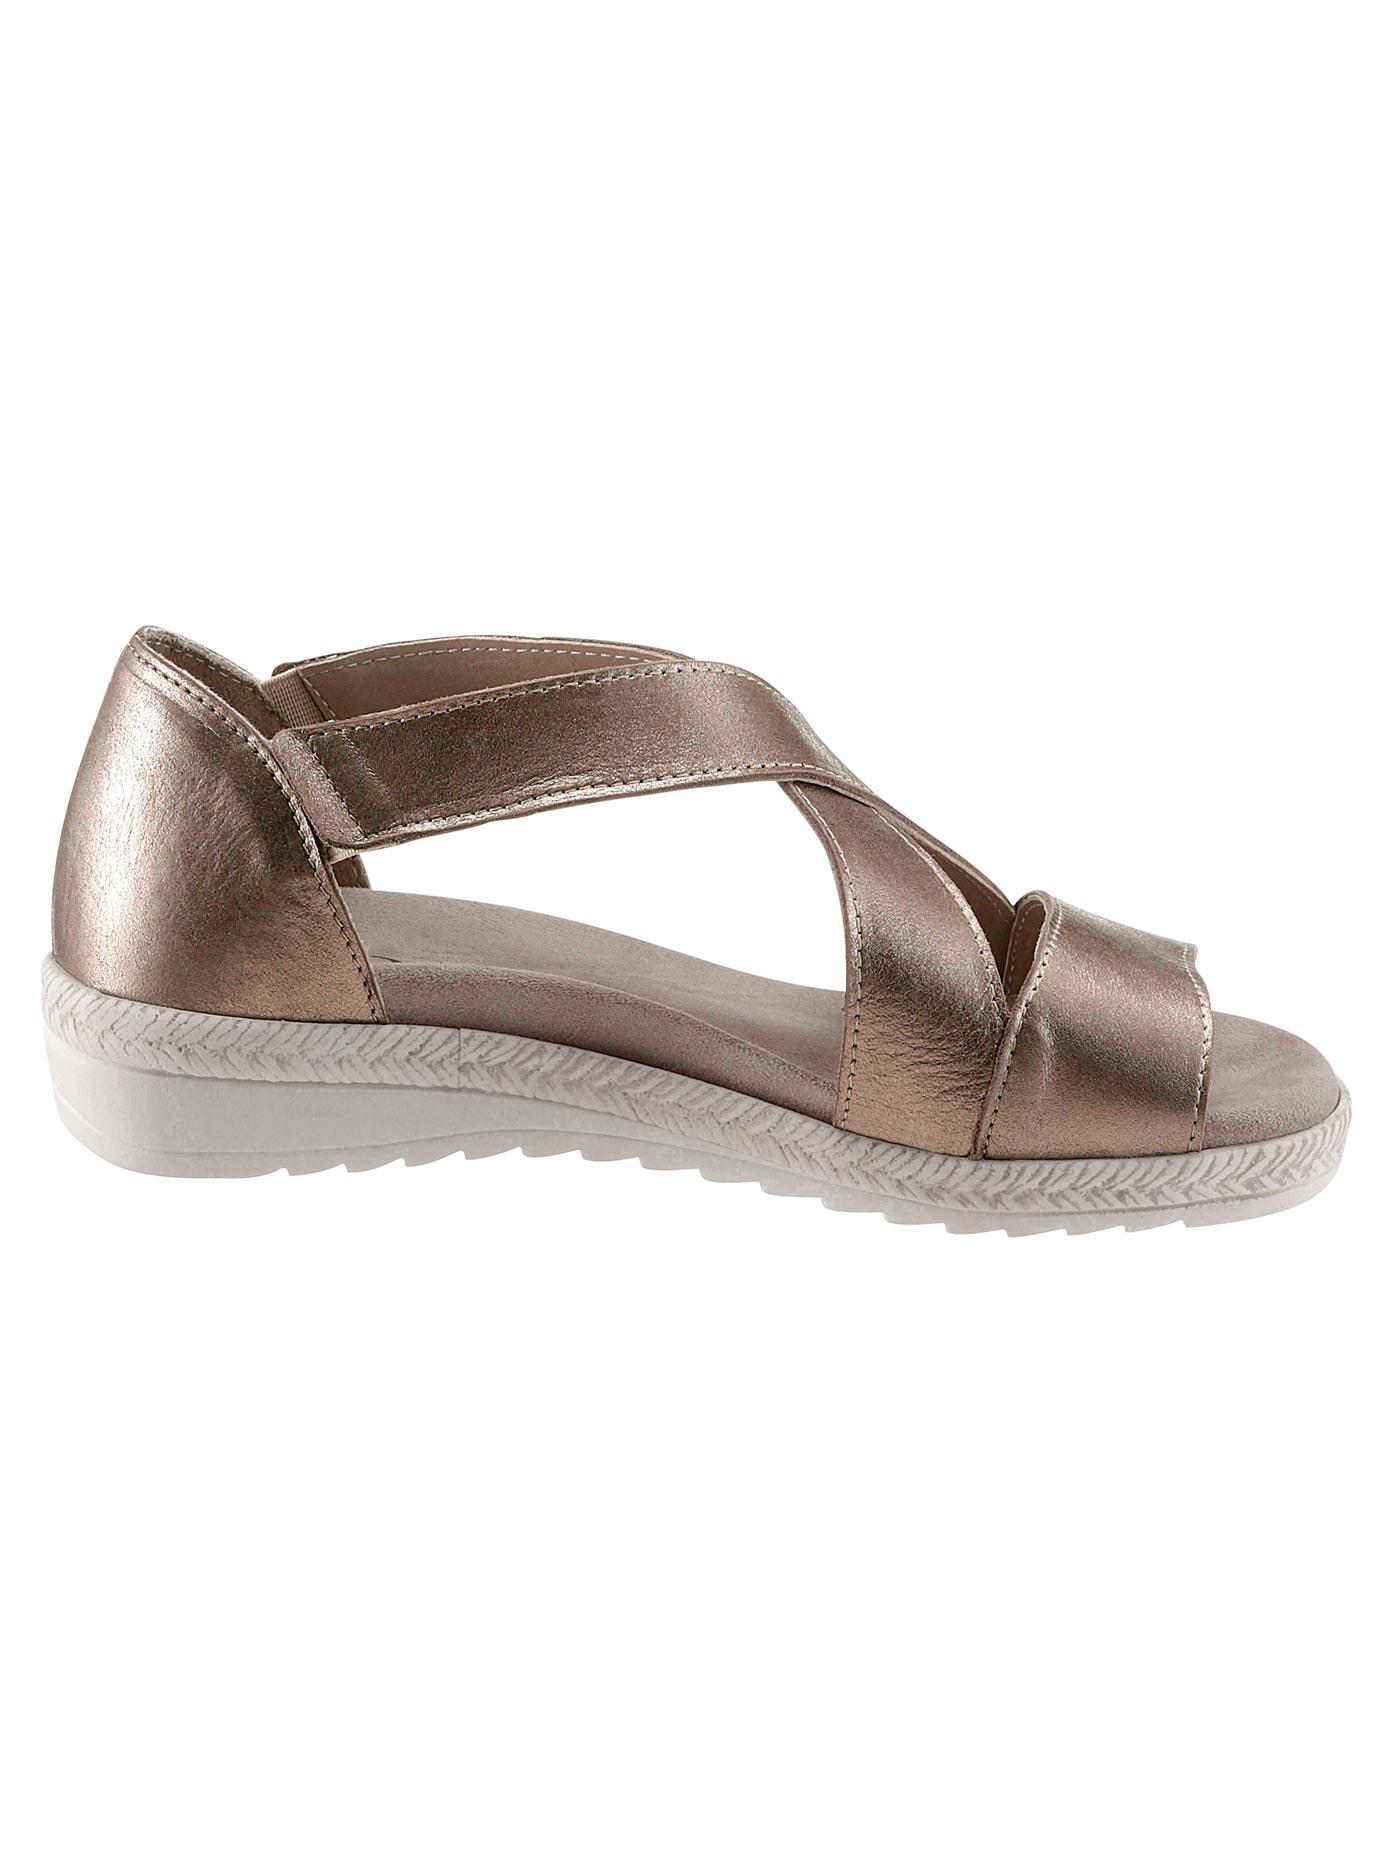 Bco Sandale mit | Gummizug jetzt online kaufen | mit Gutes Preis-Leistungs-Verhältnis, es lohnt sich,Trend-2755 33efbd